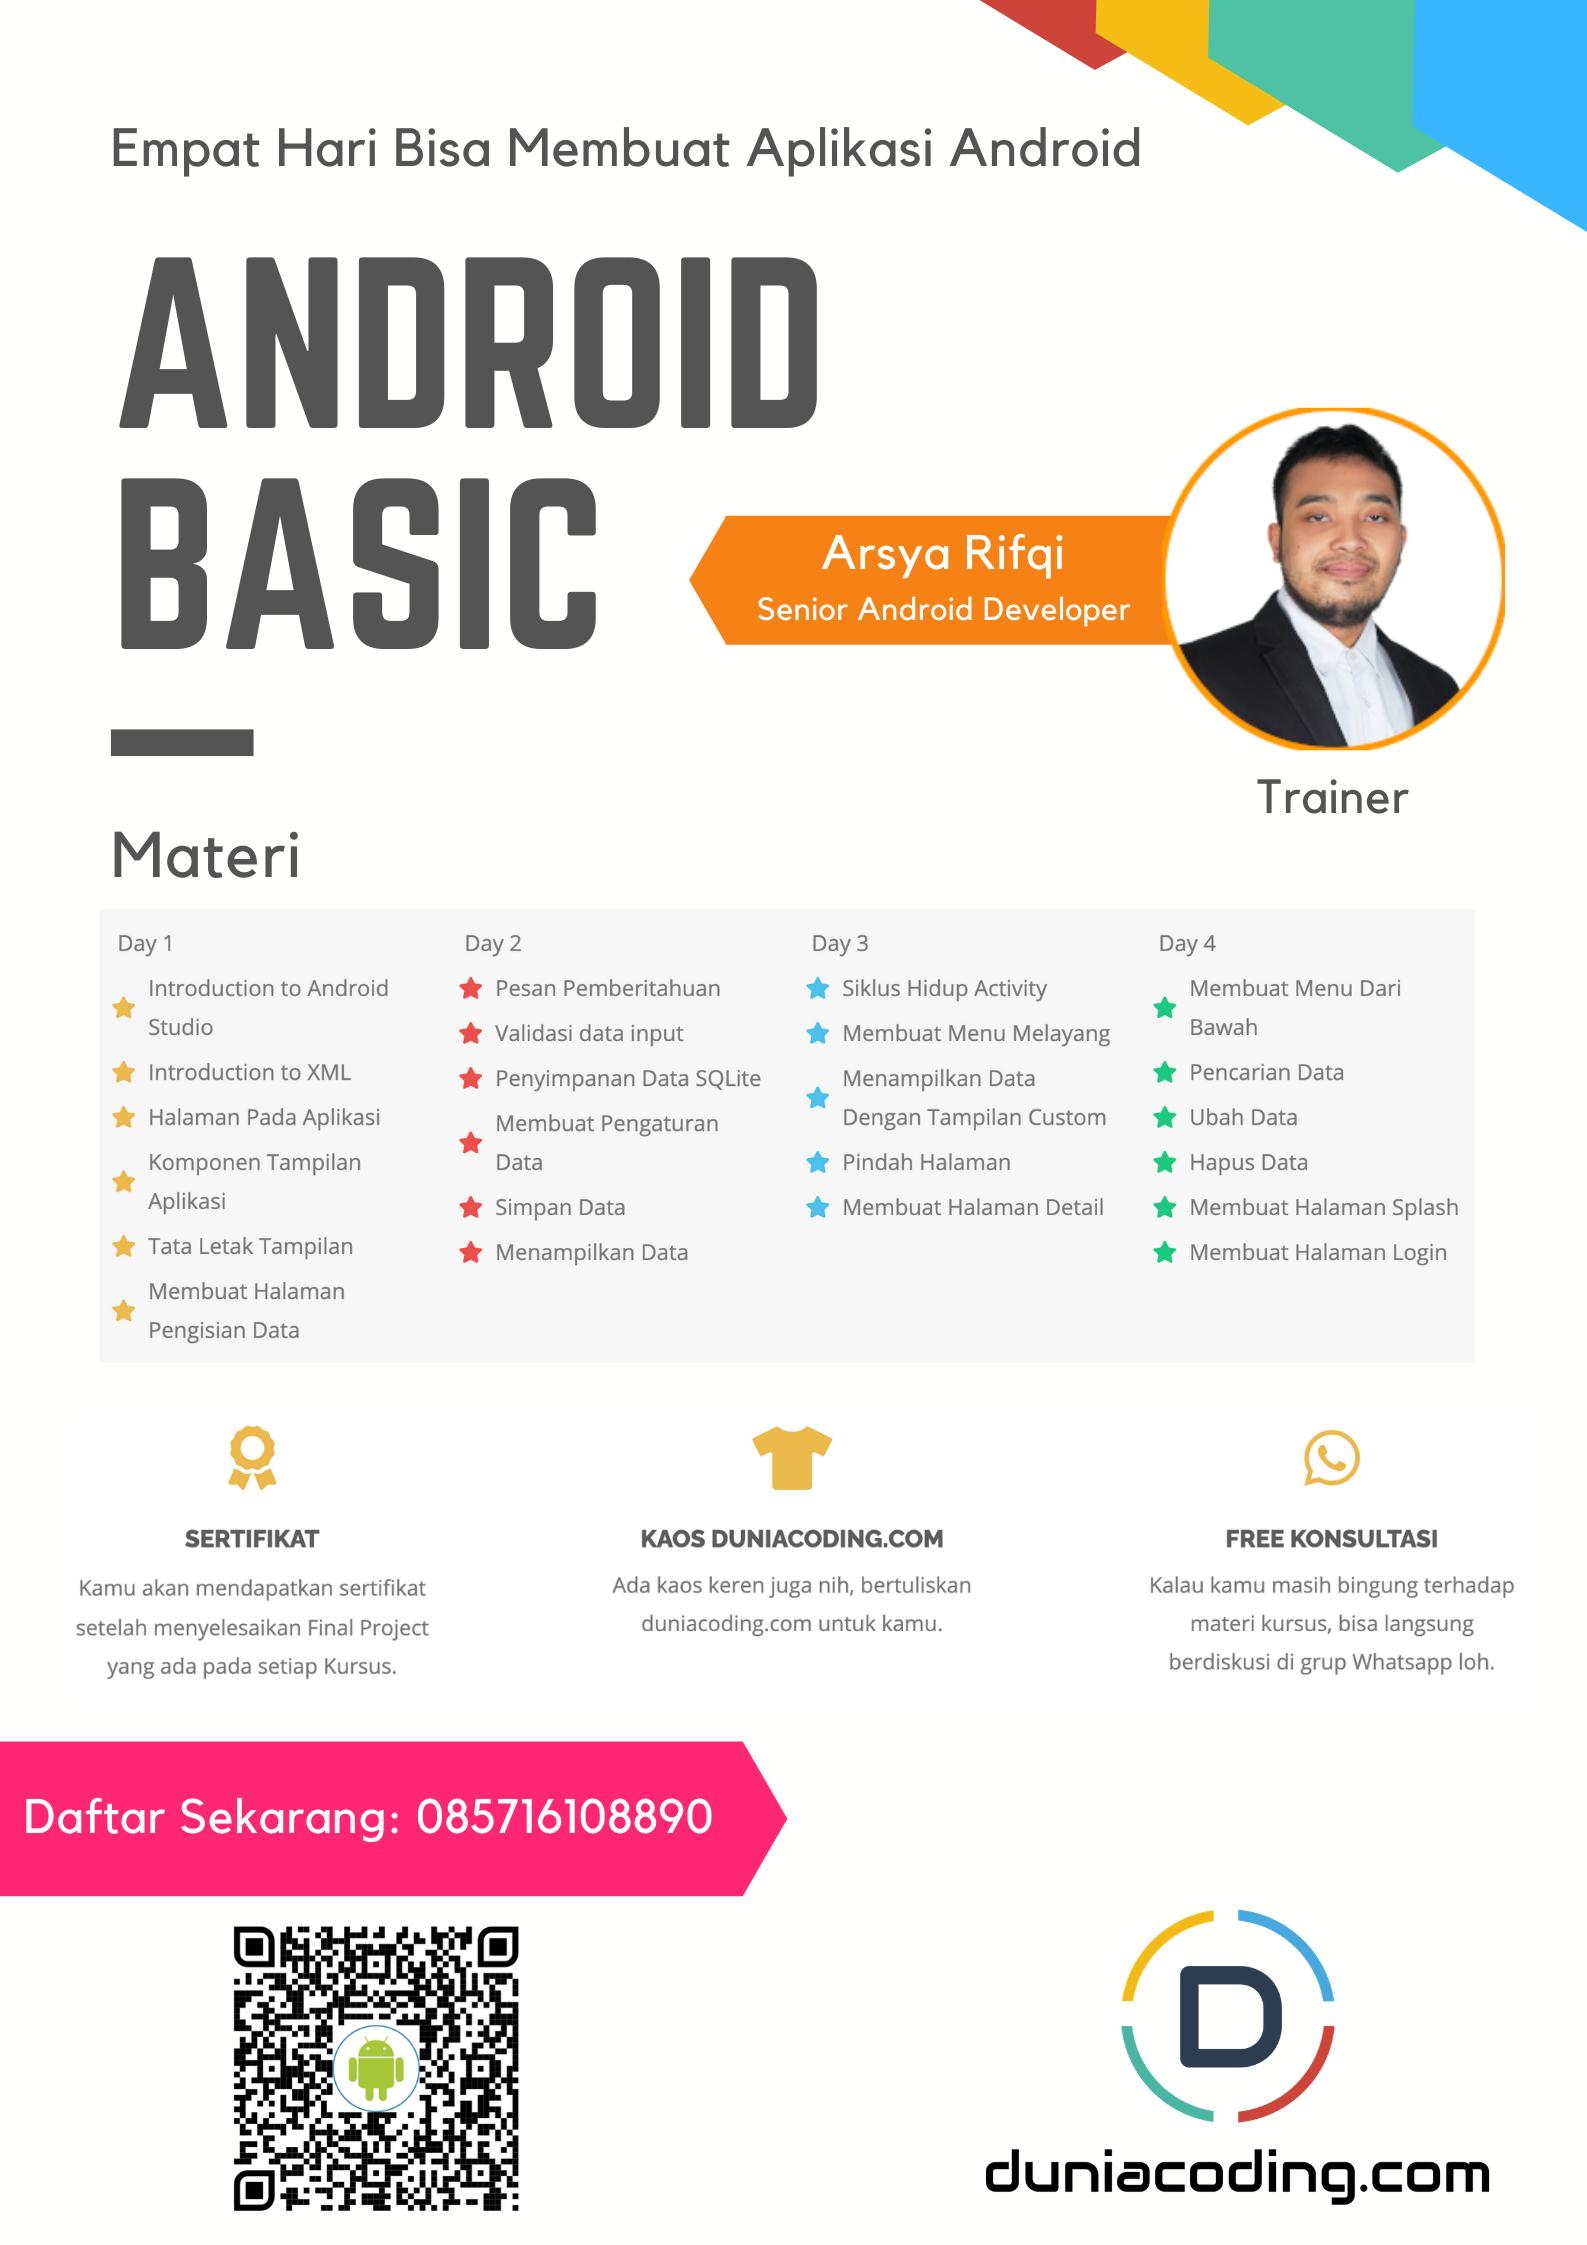 Kursus Membuat Aplikasi Android Aplikasi Siklus Hidup Android